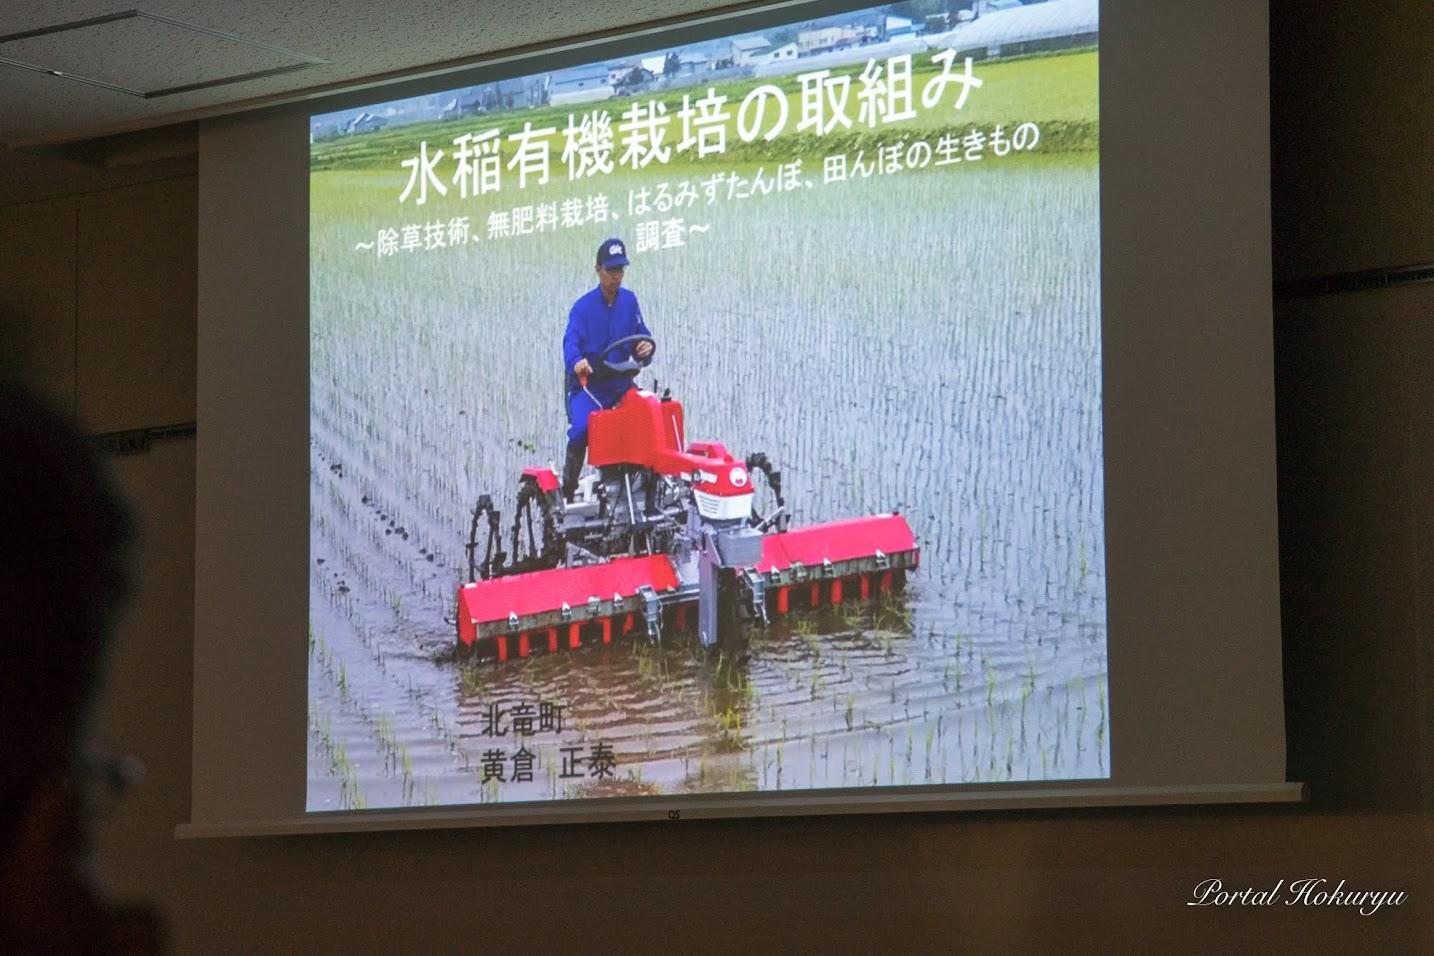 水稲有機栽培の取組み